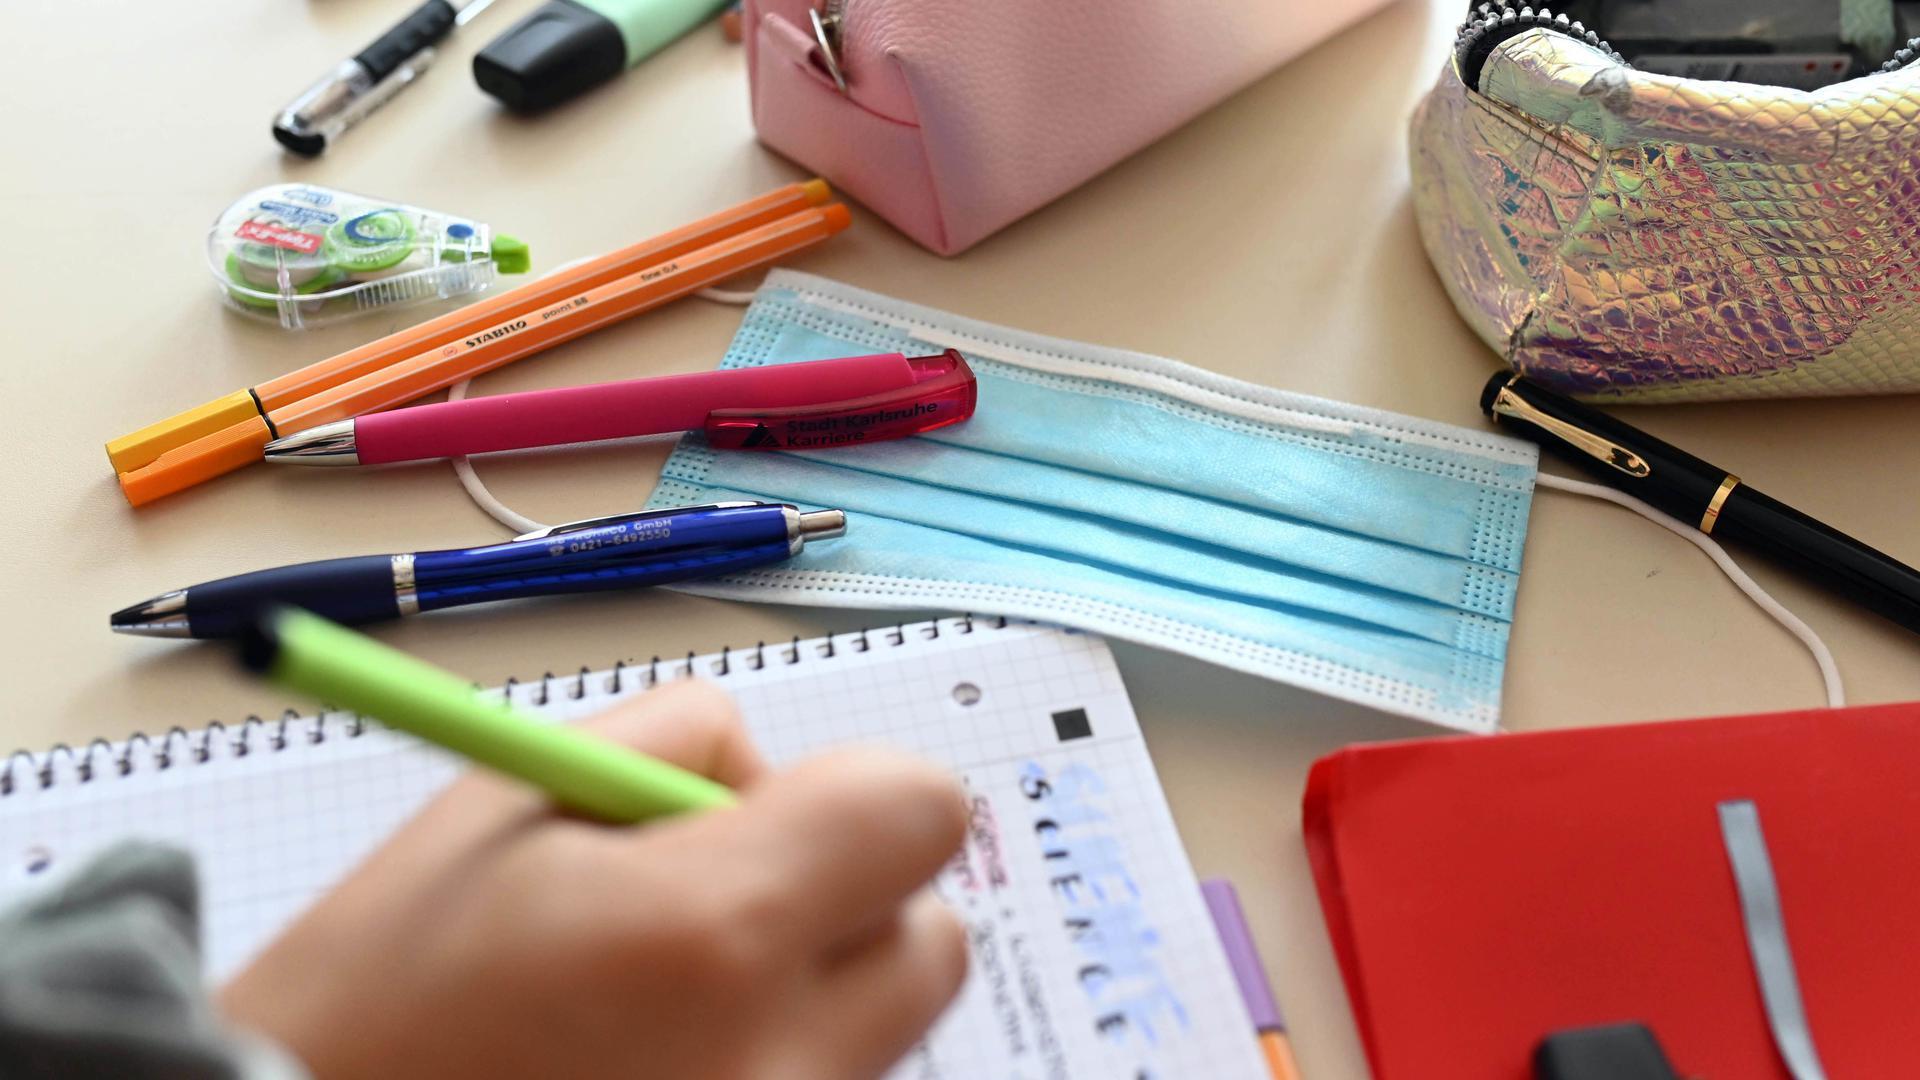 Während einer Unterrichtsstunde einer zehnten Klasse liegt ein Mund-Nasen-Schutz auf dem Tisch einer Schülerin.